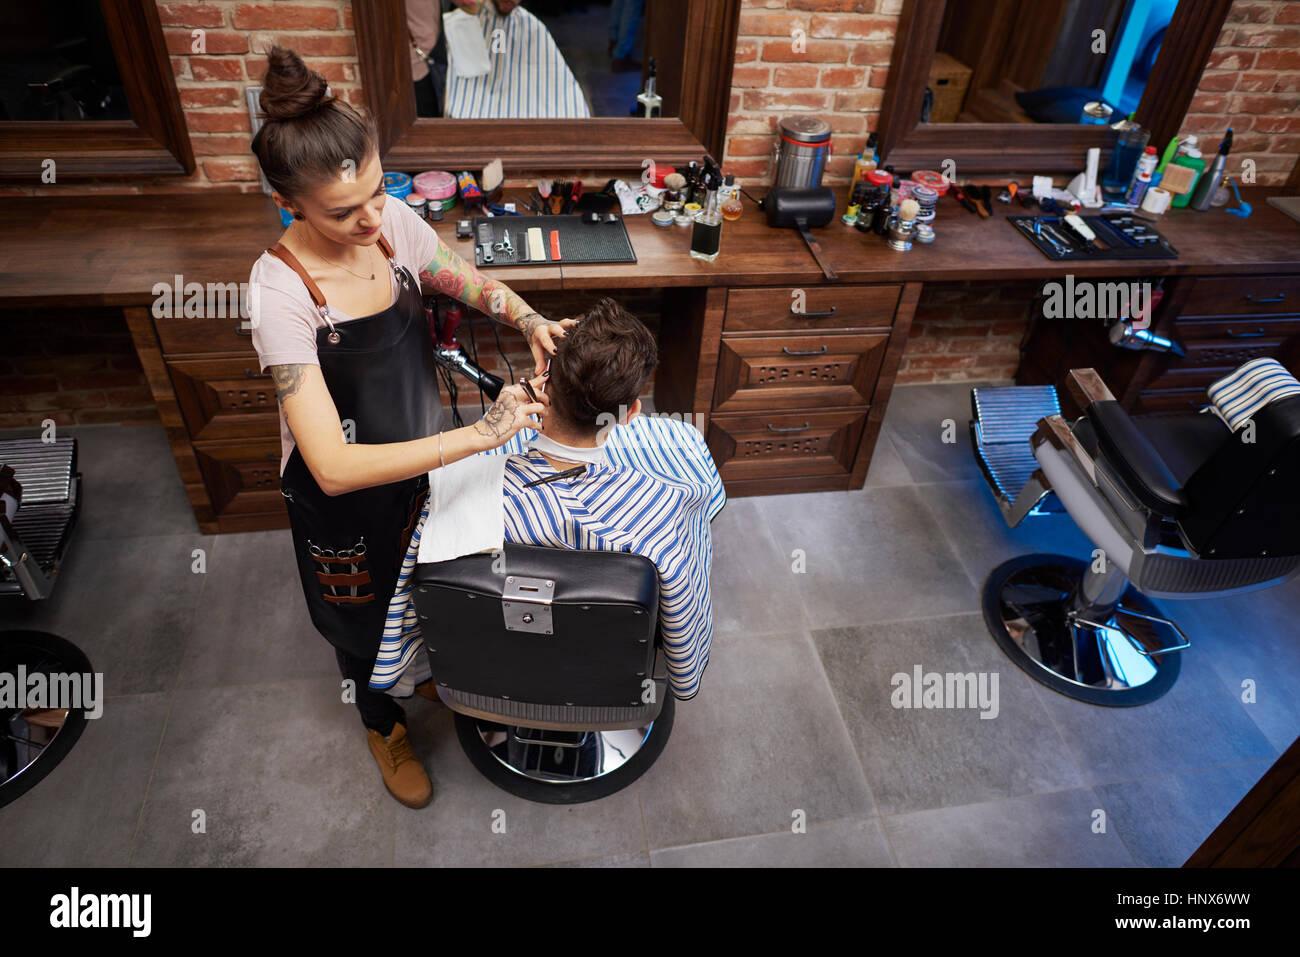 Coiffure cheveux du client de rasage avec rasoir droit Photo Stock